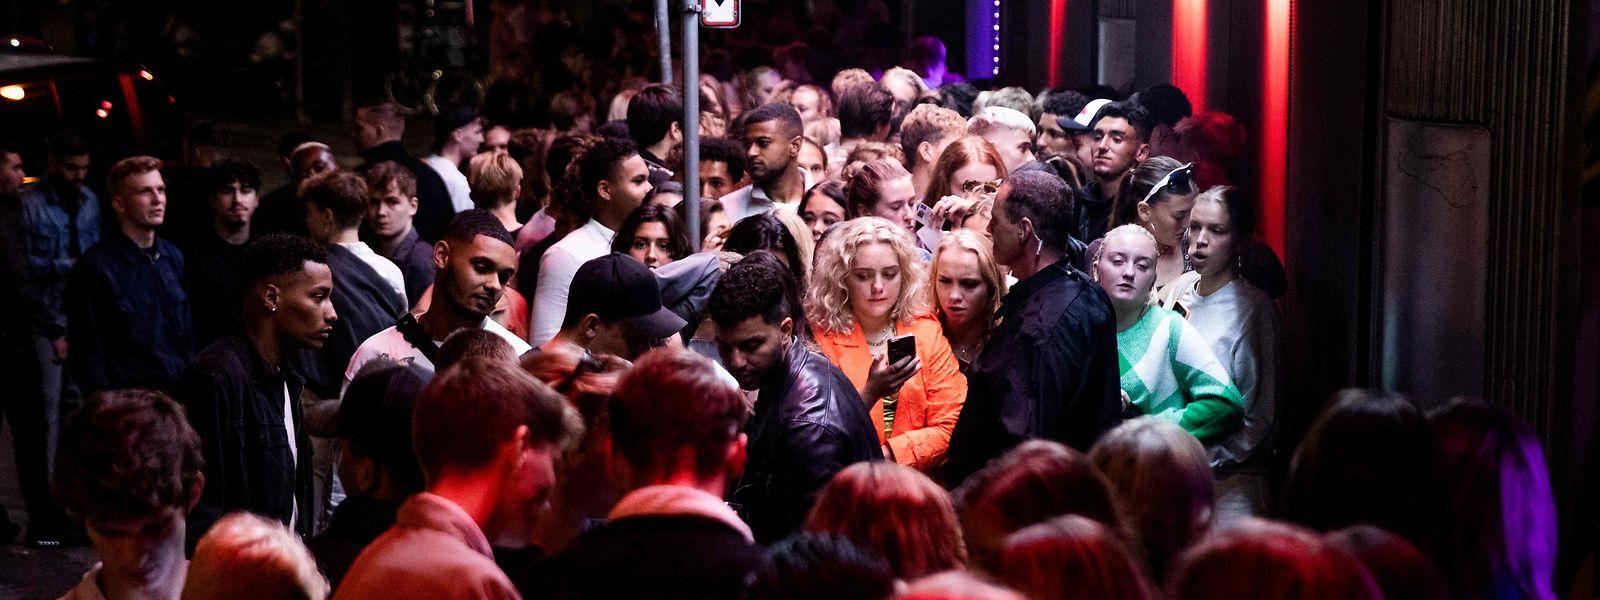 Dichtes Gedränge vor einem Nachtclub in Kopenhagen. Schon heute fühlt sich das Leben in der dänischen Hauptstadt fast beschränkungsfrei an.